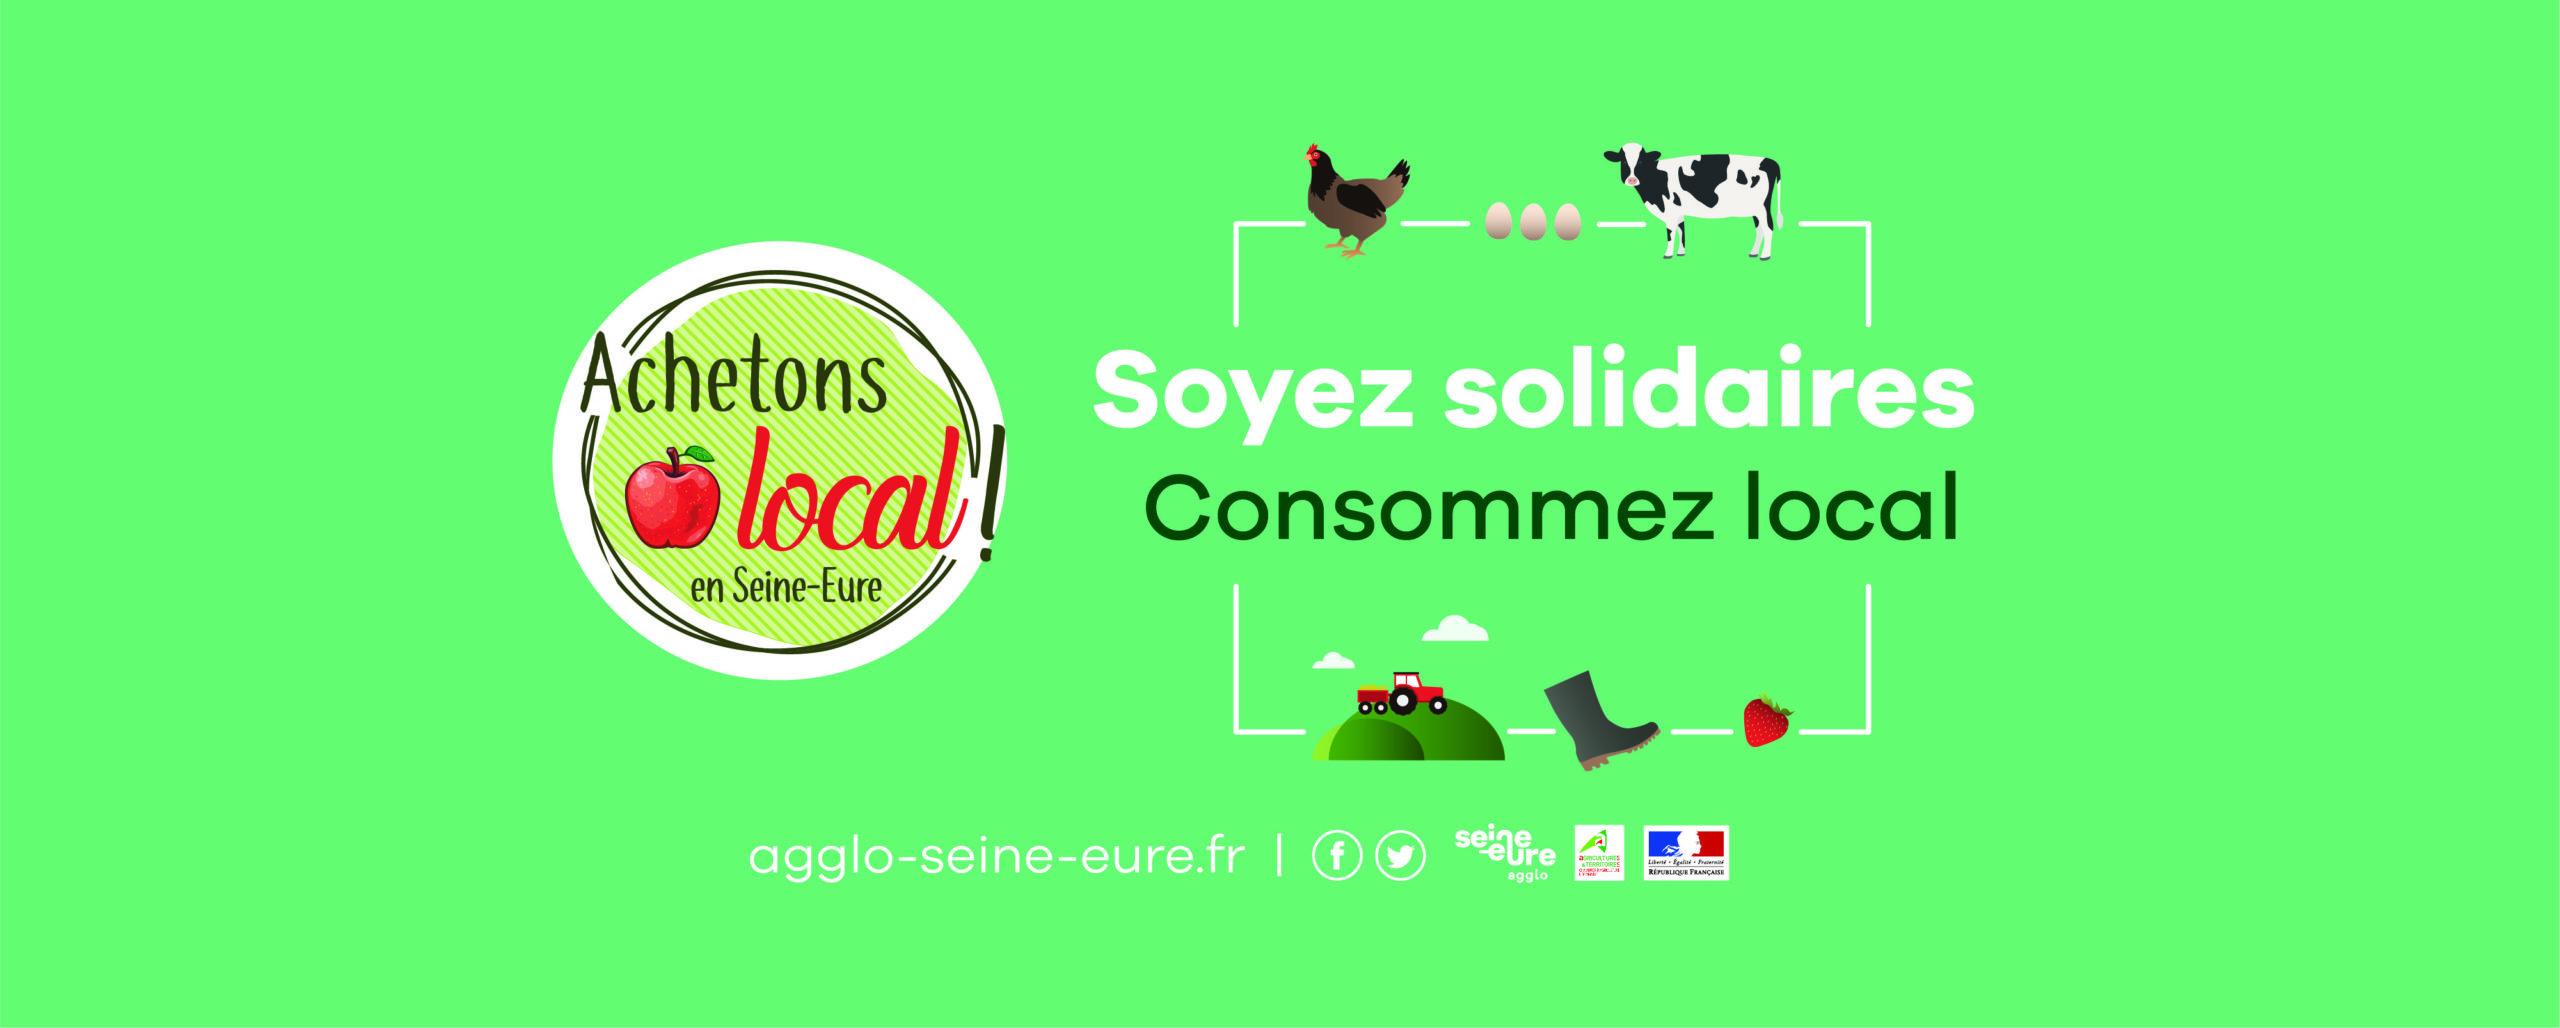 Les producteurs du réseau « Achetons local en Seine-Eure » restent mobilisés pendant le confinement